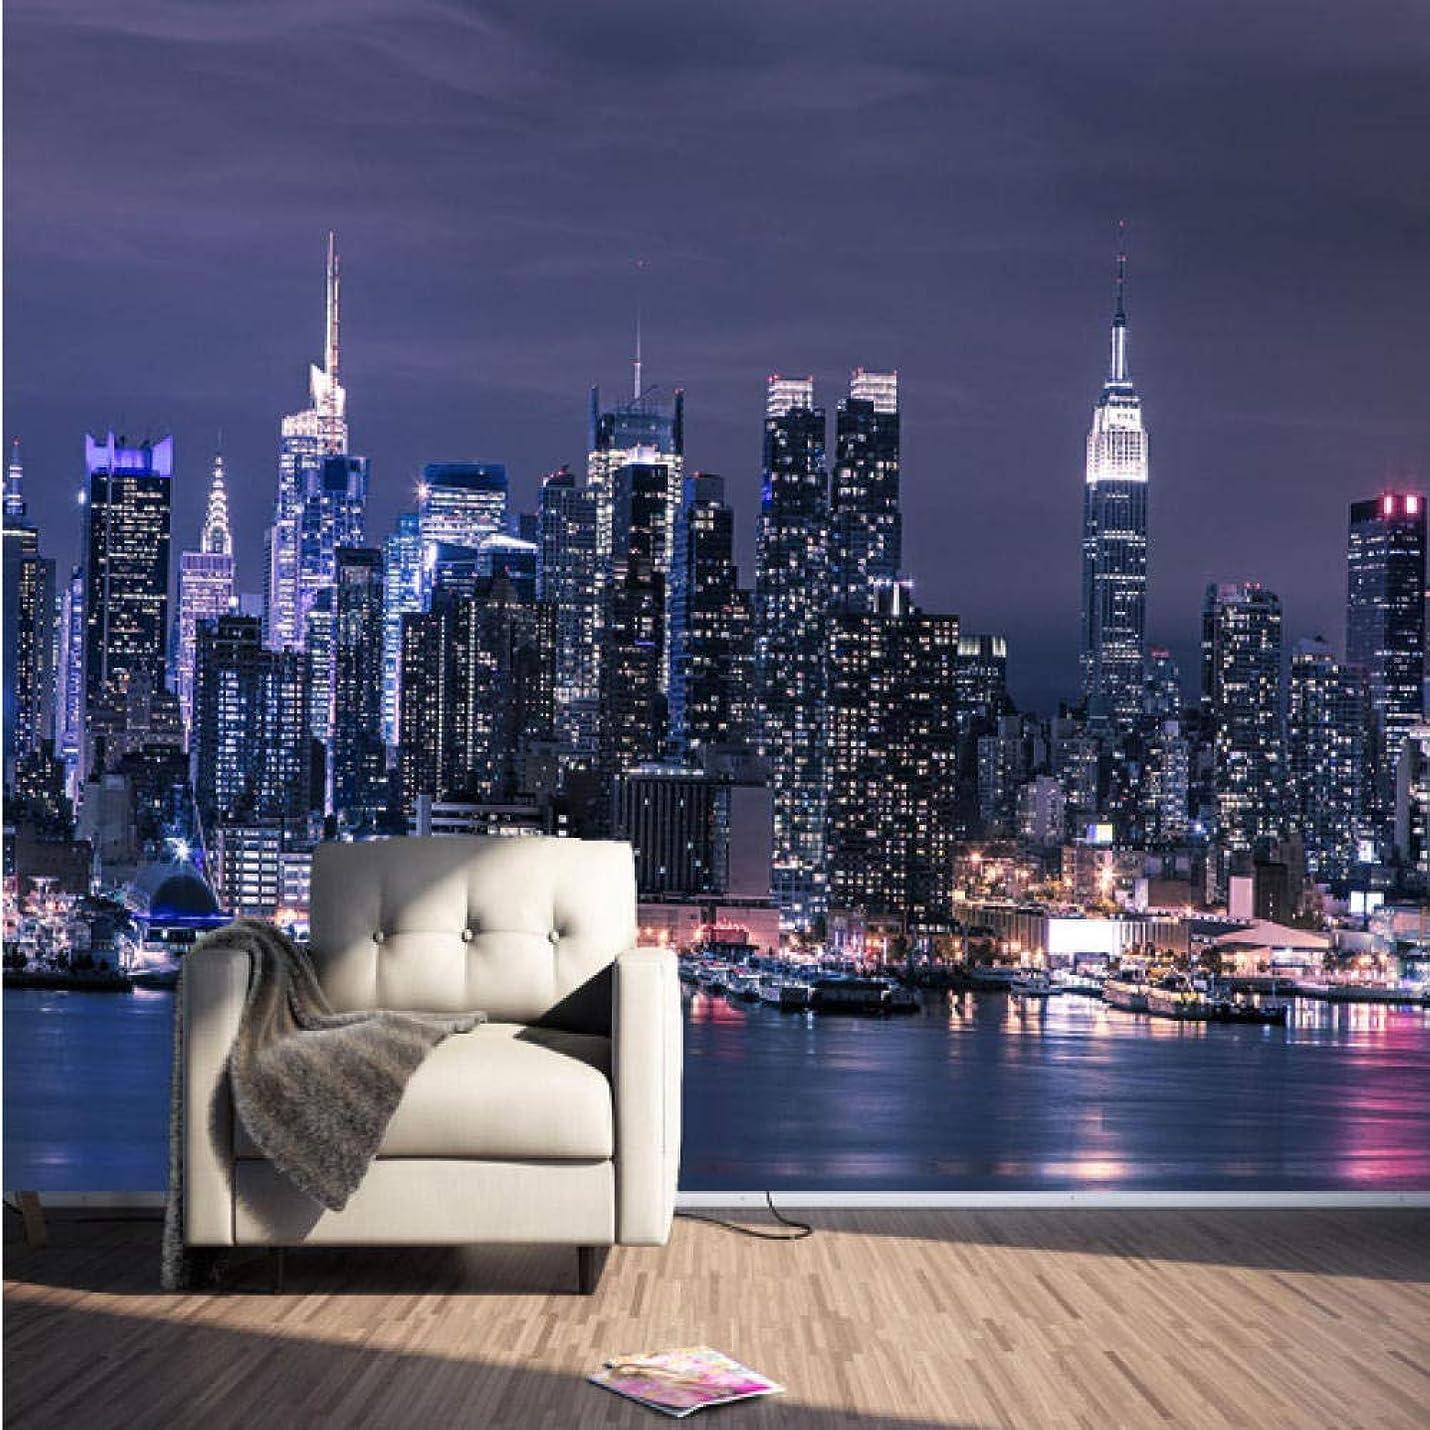 海里ラテン温室カスタム3D不織布壁紙現代ニューヨーク市夜景リビングルームテレビ背景壁の装飾壁画壁紙3D?-120X100CM